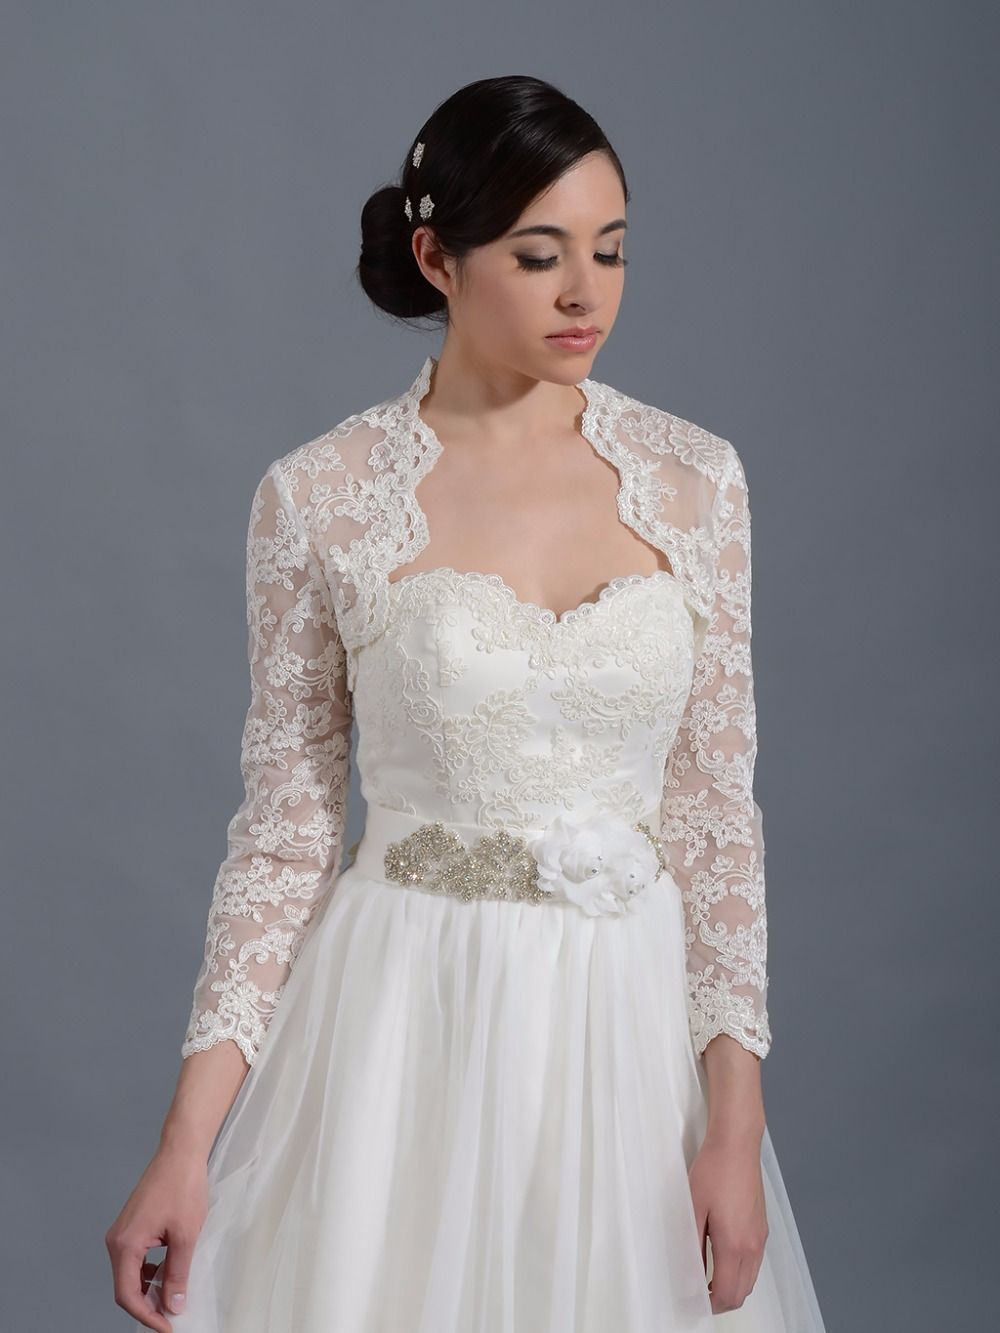 Lace keyhole back wedding dress   Long Sleevest Bridal Wraps Ivory Lace Keyhole Back Wedding